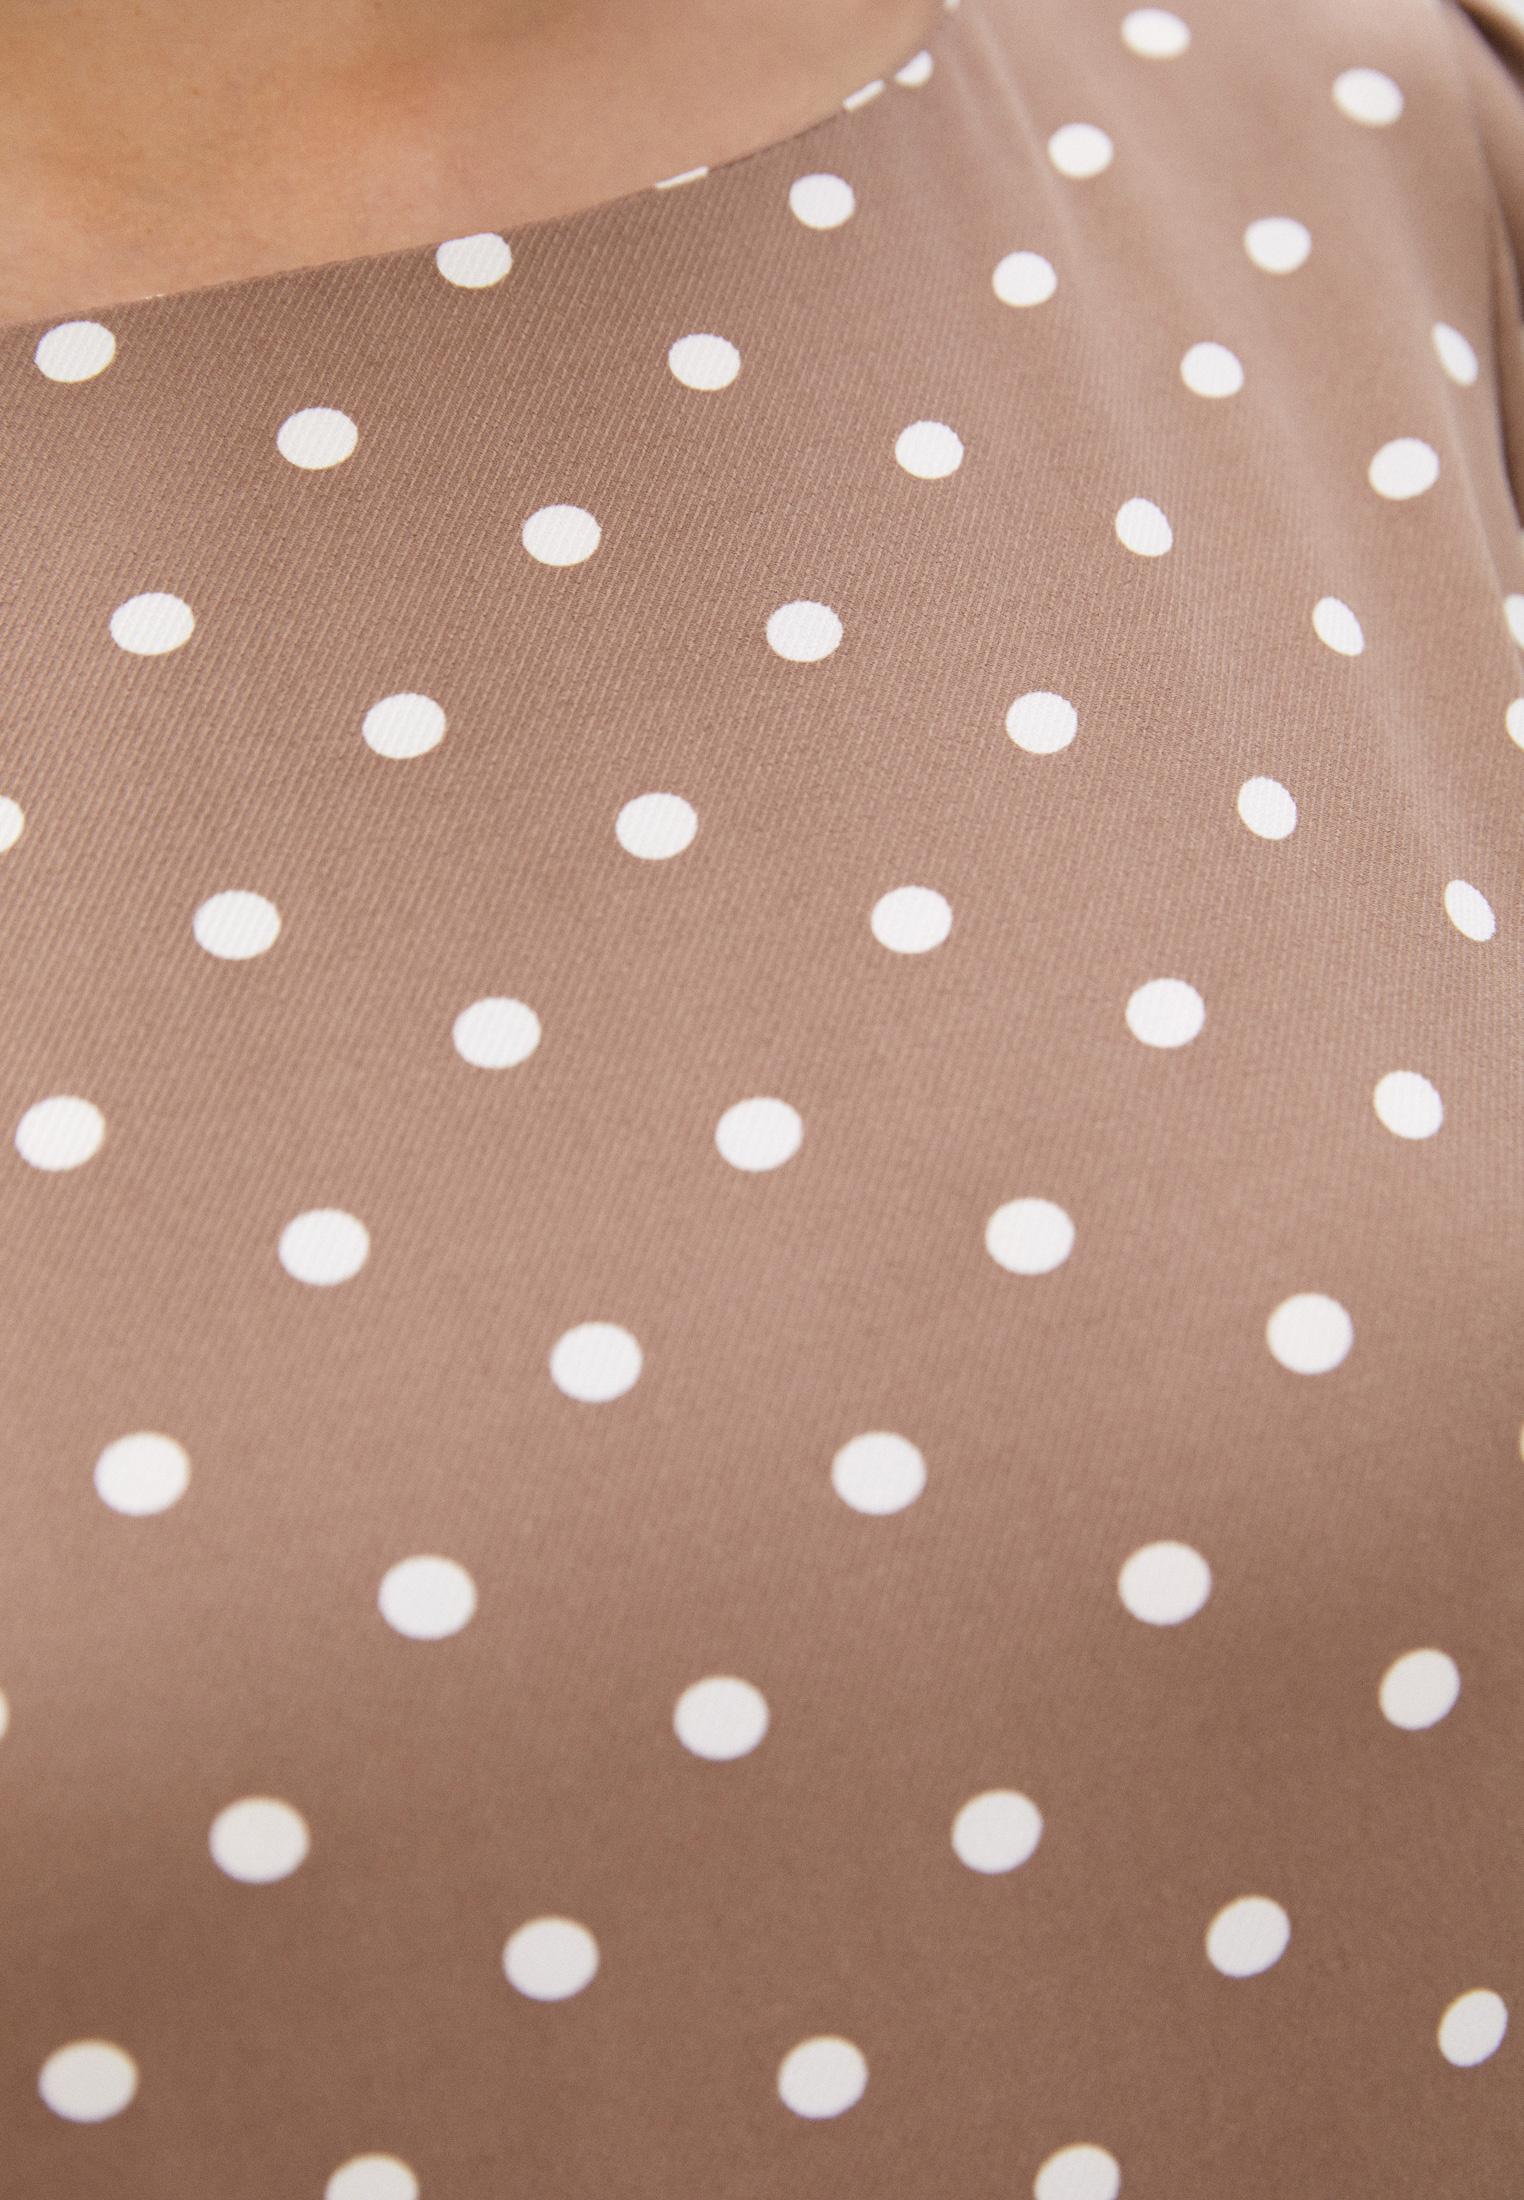 Повседневное платье Toku Tino TT8513023k/: изображение 8